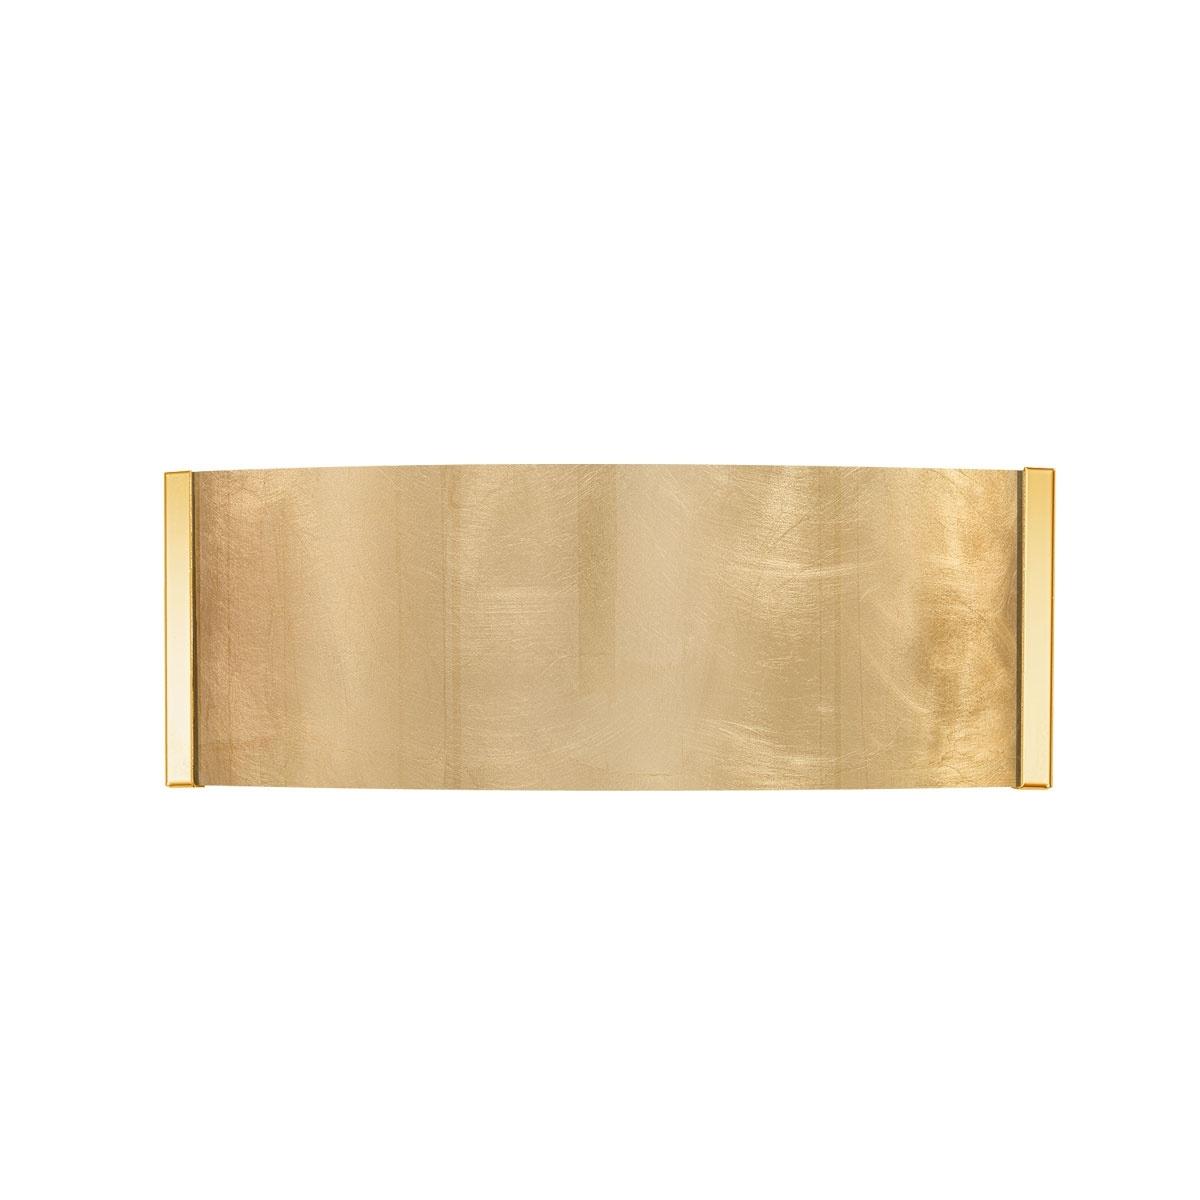 Kolarz Büro Wandleuchten Emozione WL, Gold, Glas, Kristallglas, Metall, Sto günstig online kaufen